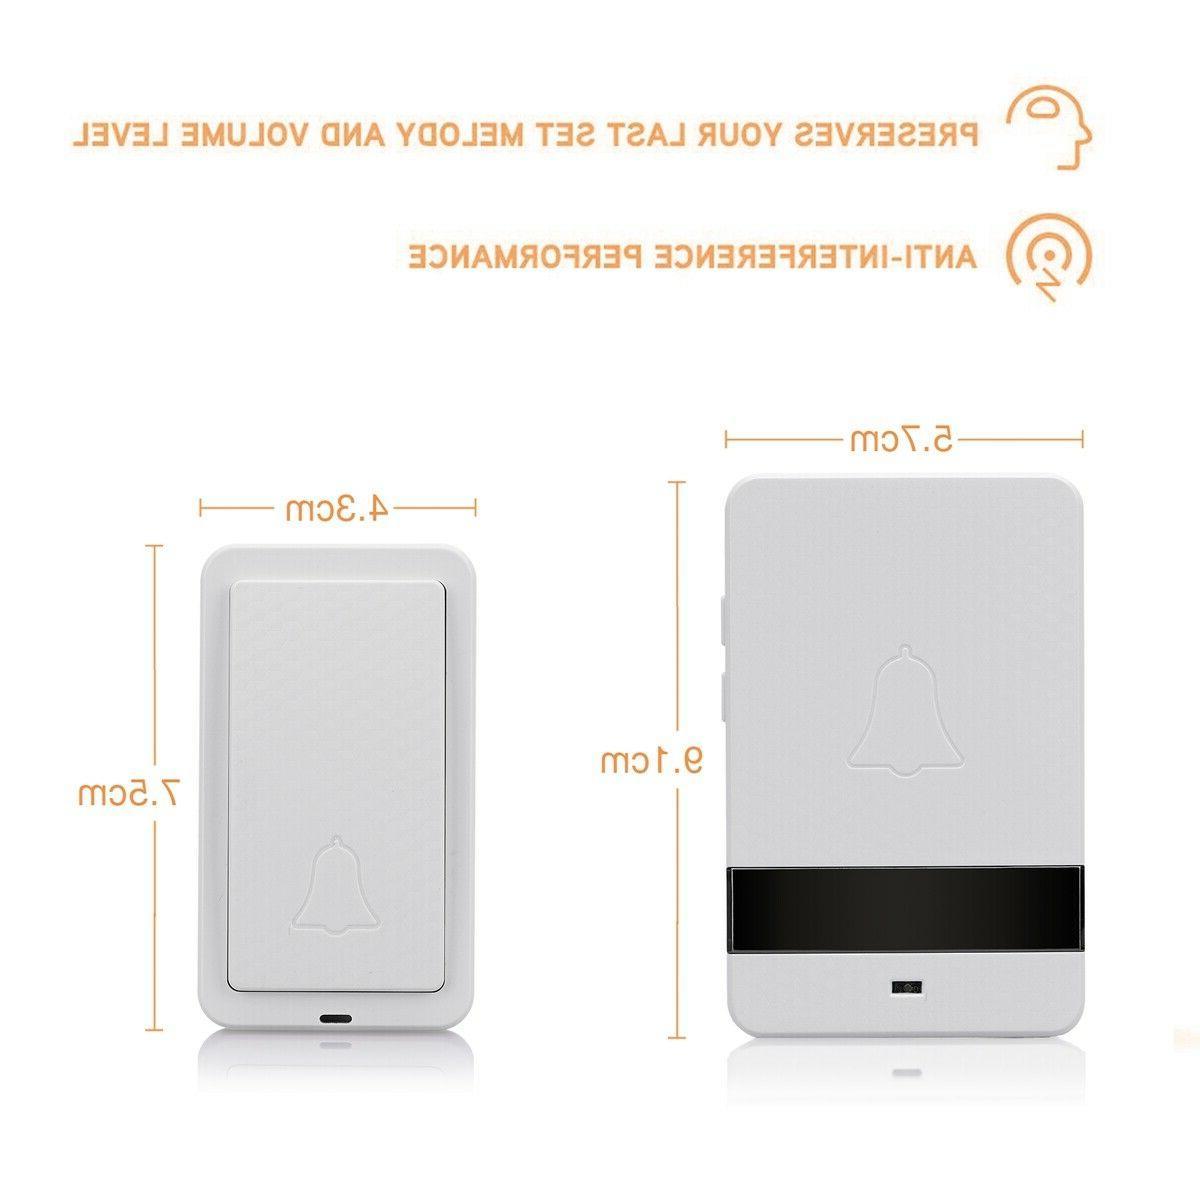 1000ft Doorbell Twin Wall Plug